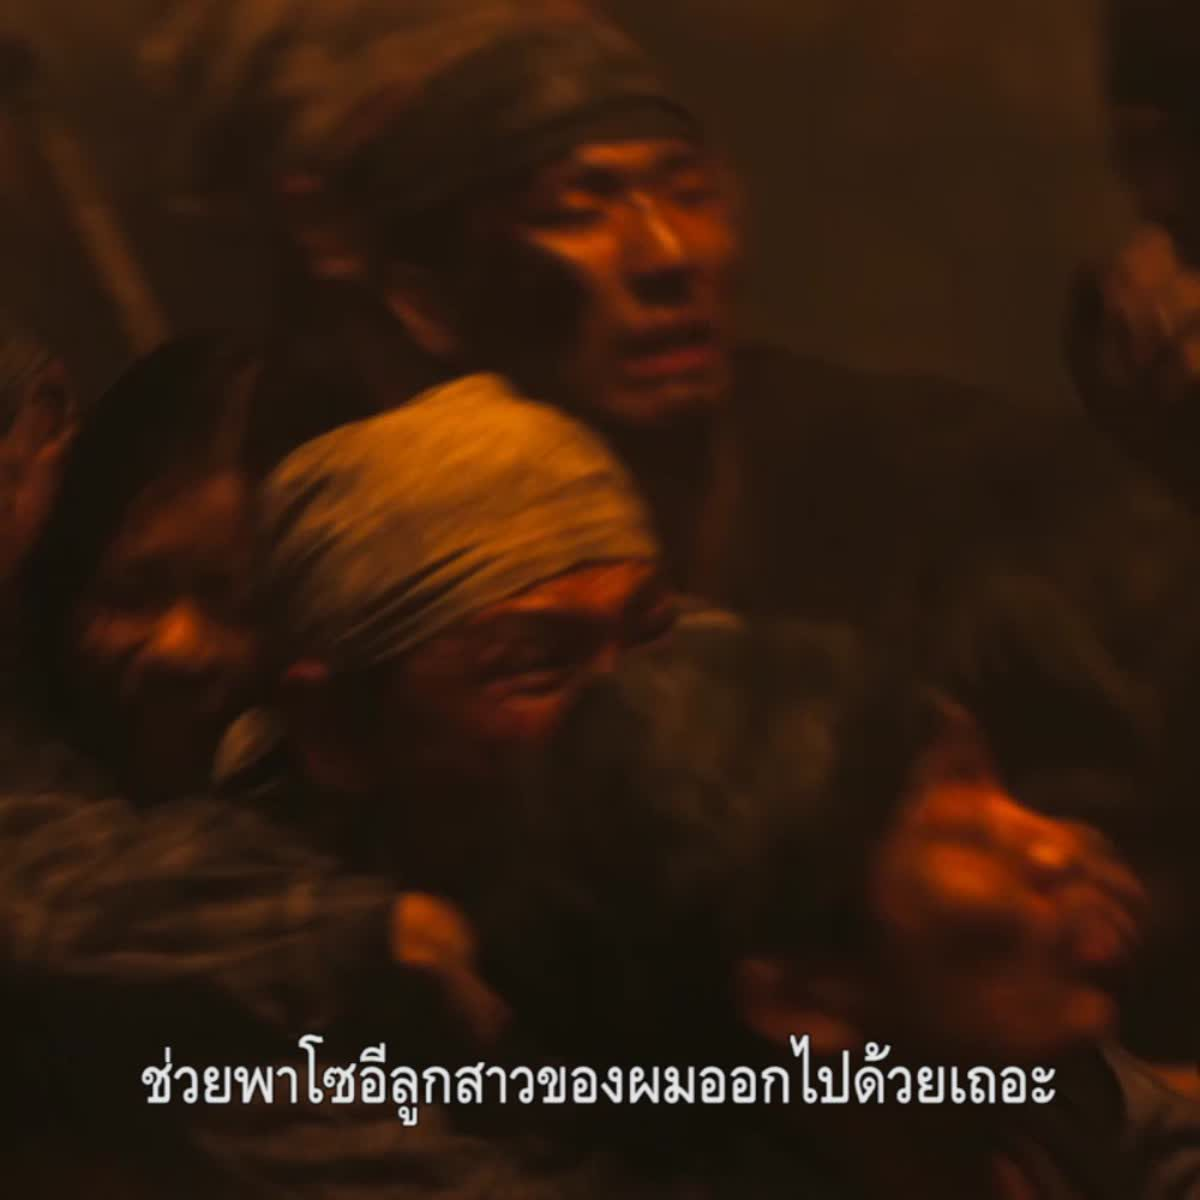 ช่วยพาโซอีลูกสาวของผมออกไปด้วย!! ฮวางจองมิน ขอร้องในภาพยนตร์ The Battleship Island